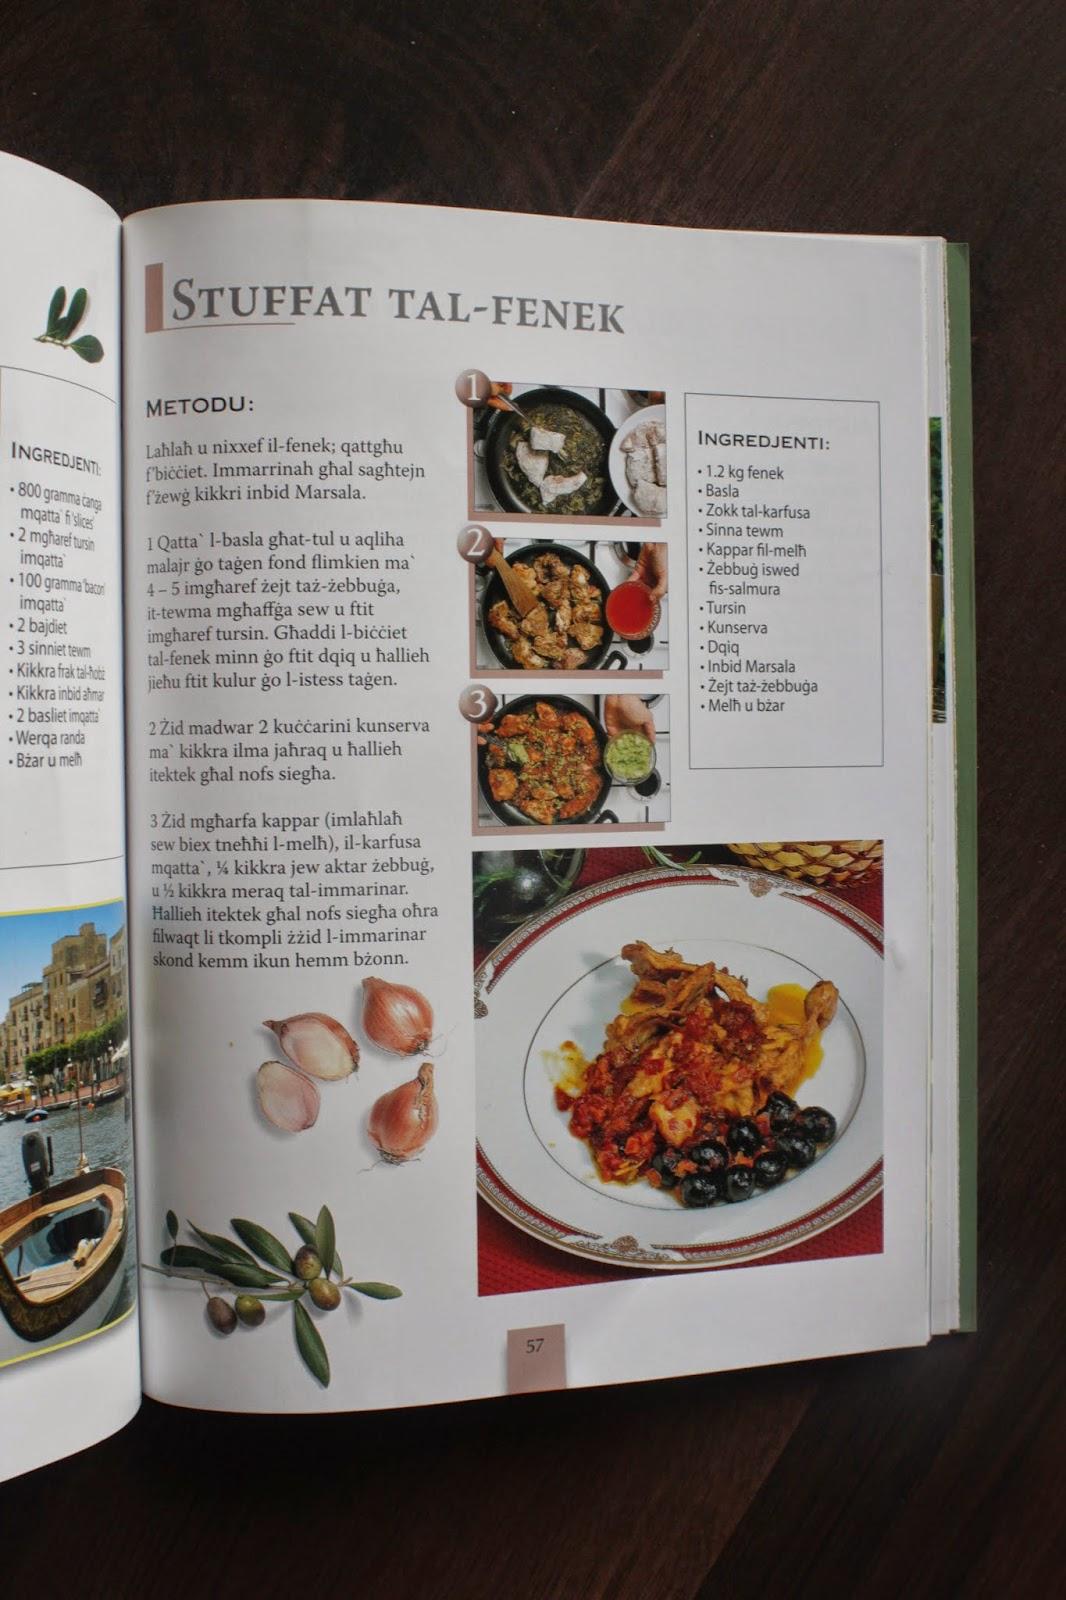 kuchnia świata, potrawka z królika -Stuffat tal-fenek, maltańska kuchnia, Malta, kuchnie świata, królik